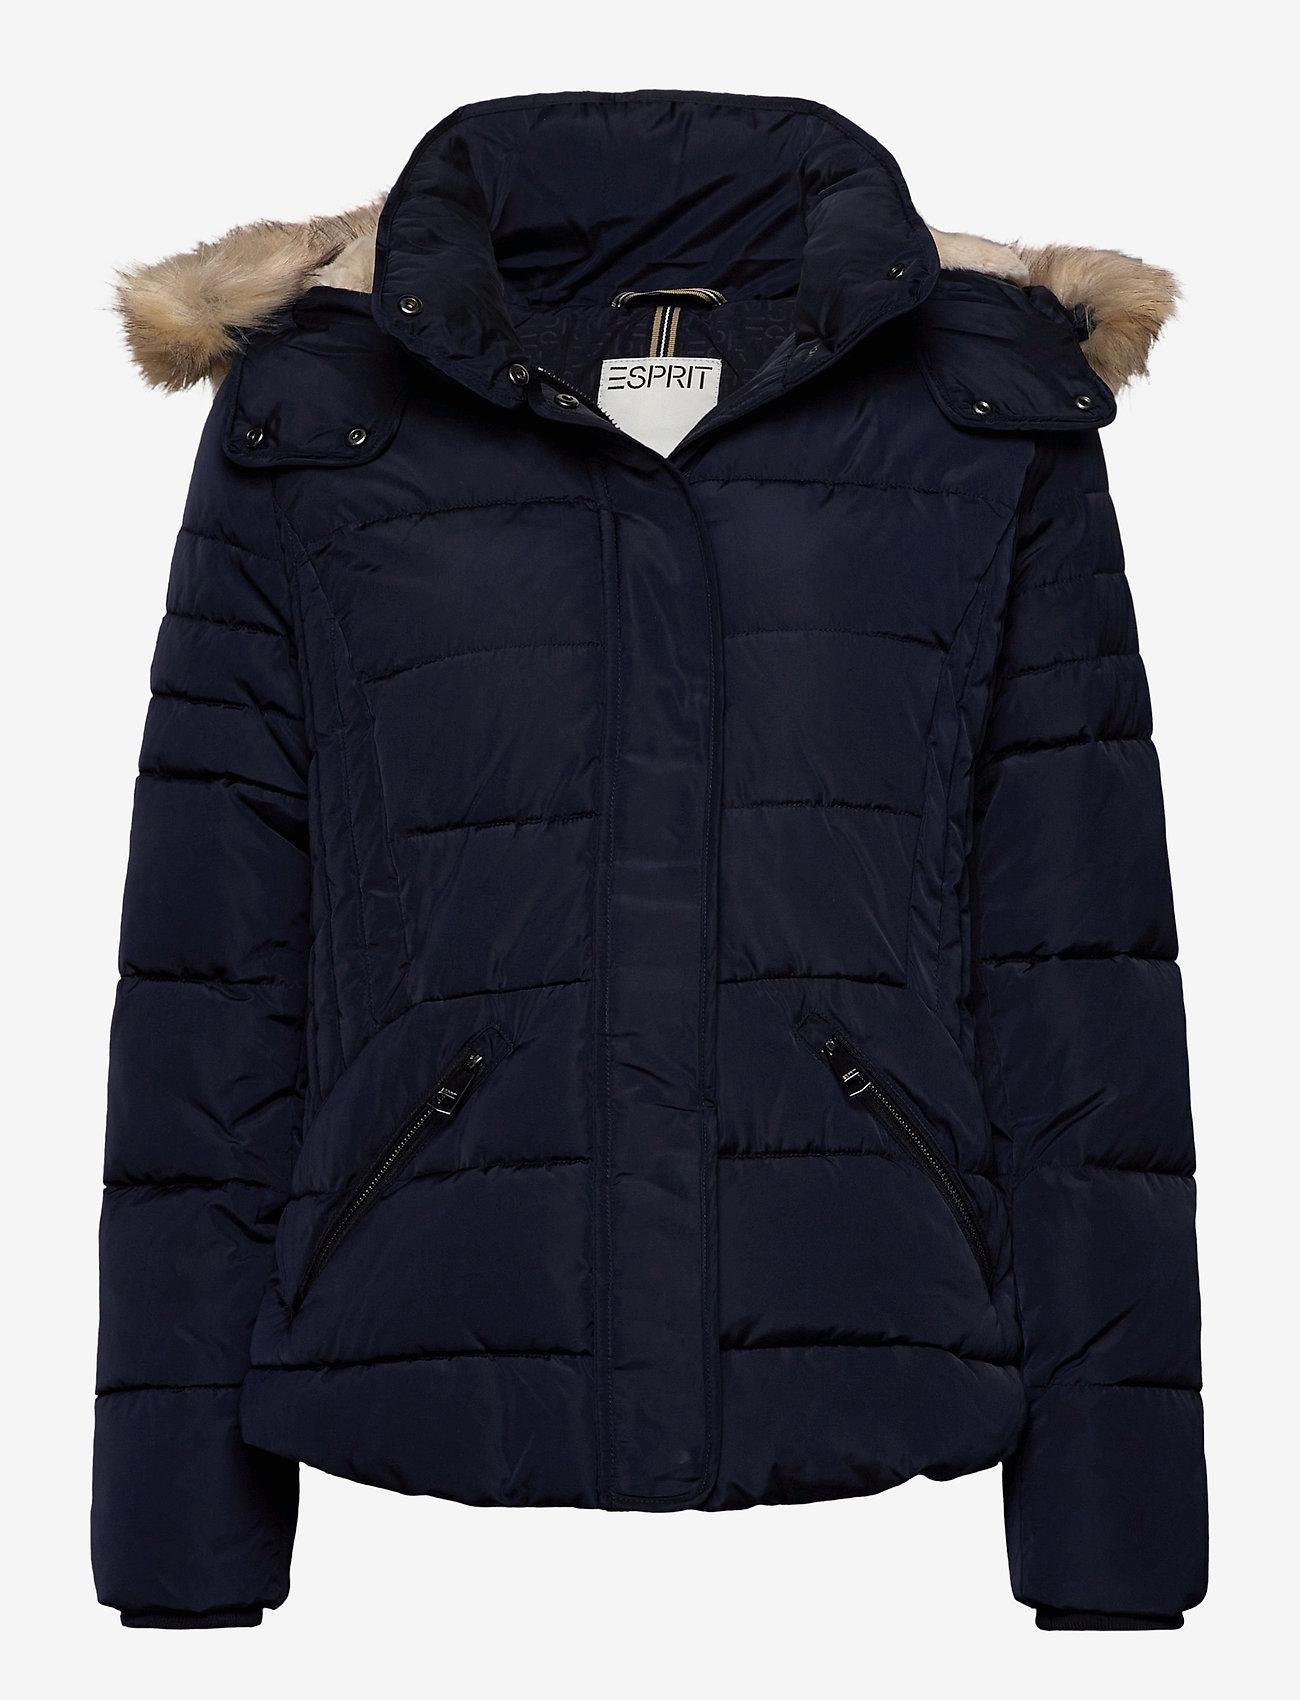 Esprit Casual - Jackets outdoor woven - doudounes - navy - 0